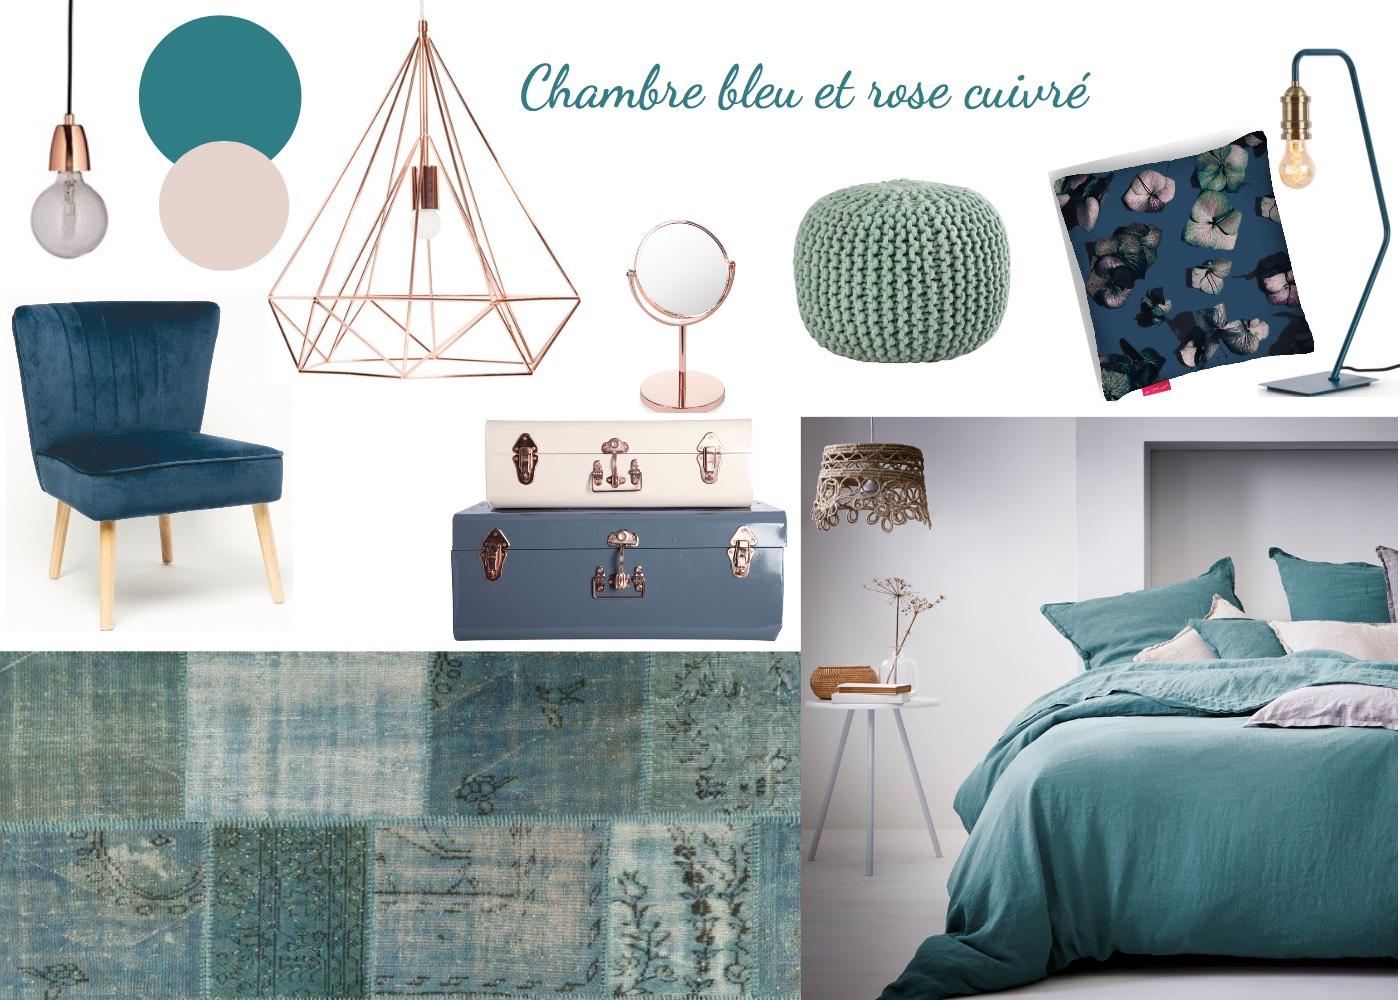 Chambre Bleu Et Rose Cuivré   Toutes Les Planches   SETMYSTYLE U2013 Partagez  Vos Planches Tendances